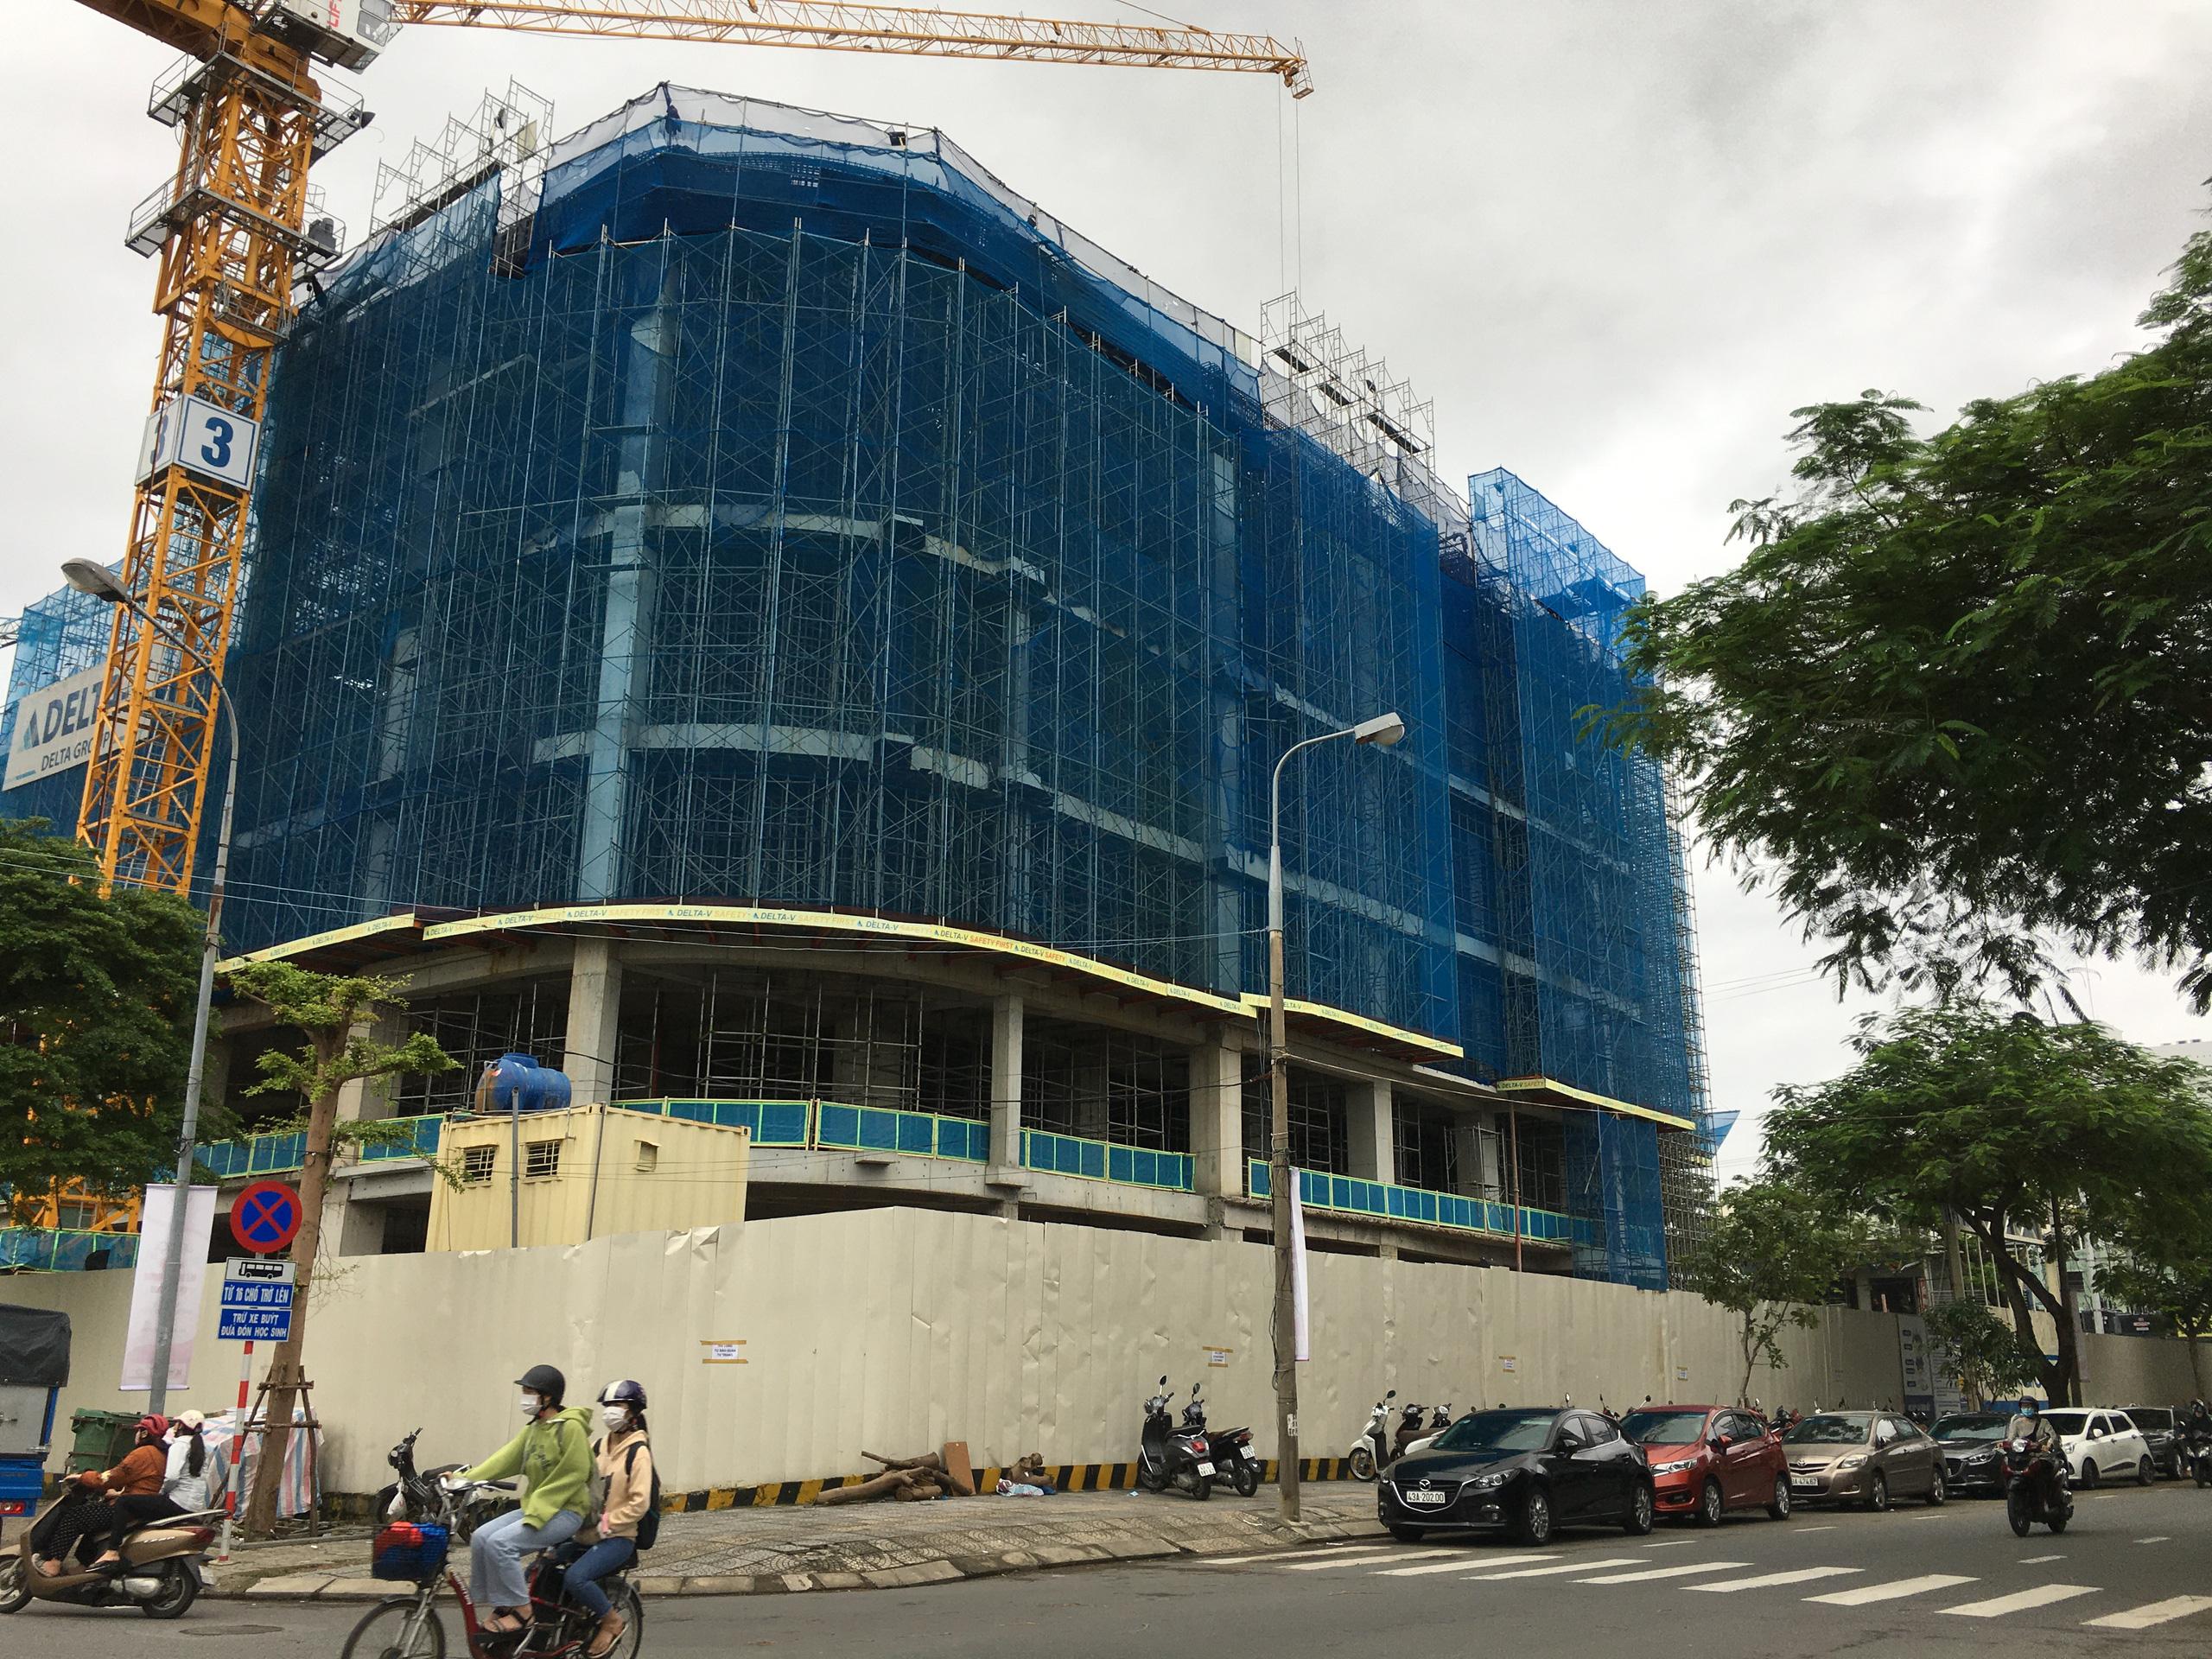 Quận Hải Châu, Đà Nẵng sắp có hơn 4.400 căn hộ condotel, chung cư - Ảnh 1.